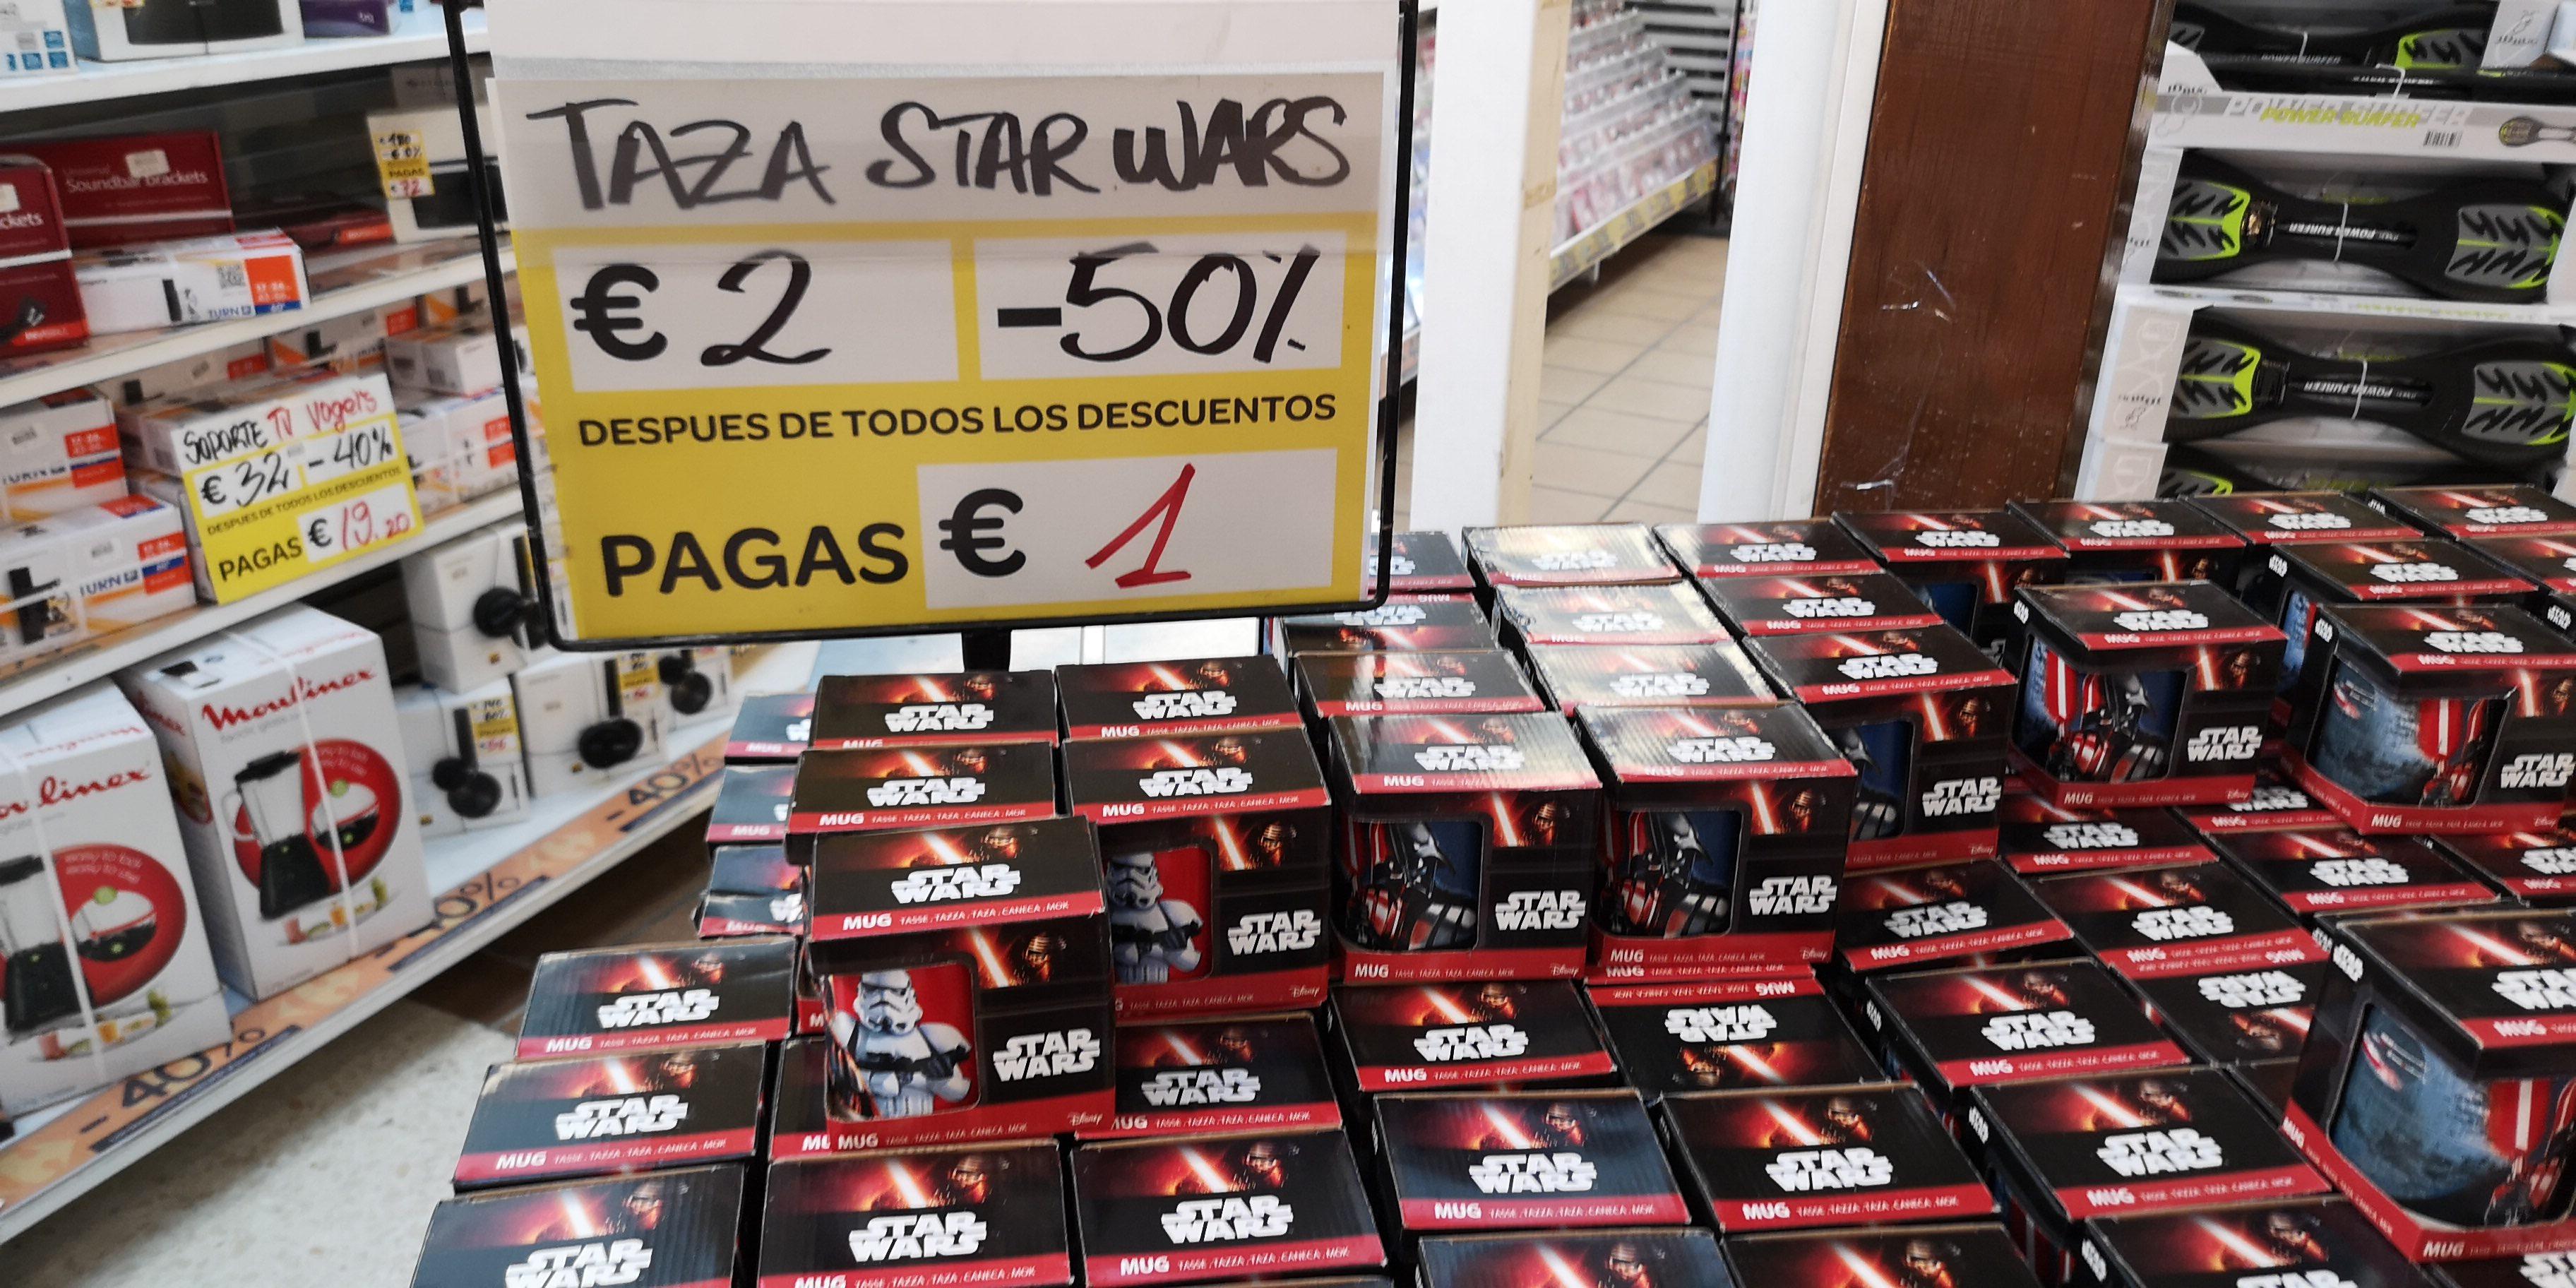 Tazas Starwars a 1€ - Outlet del Carrefour El Pinar de las Rozas (Madrid)